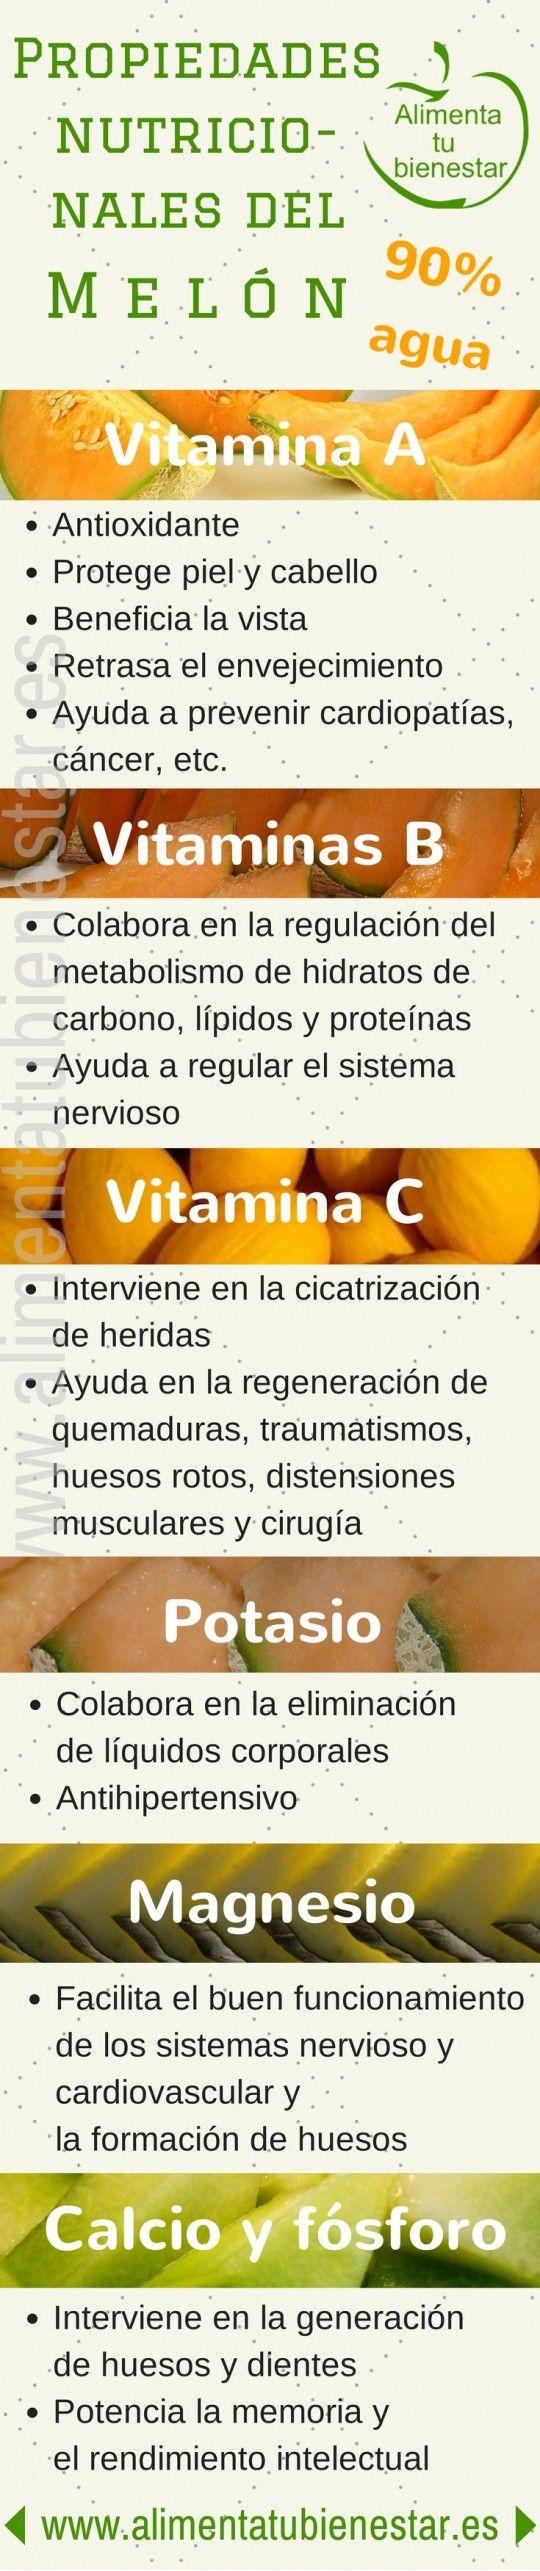 #infografia Propiedades nutricionales del melón #salud #cocina